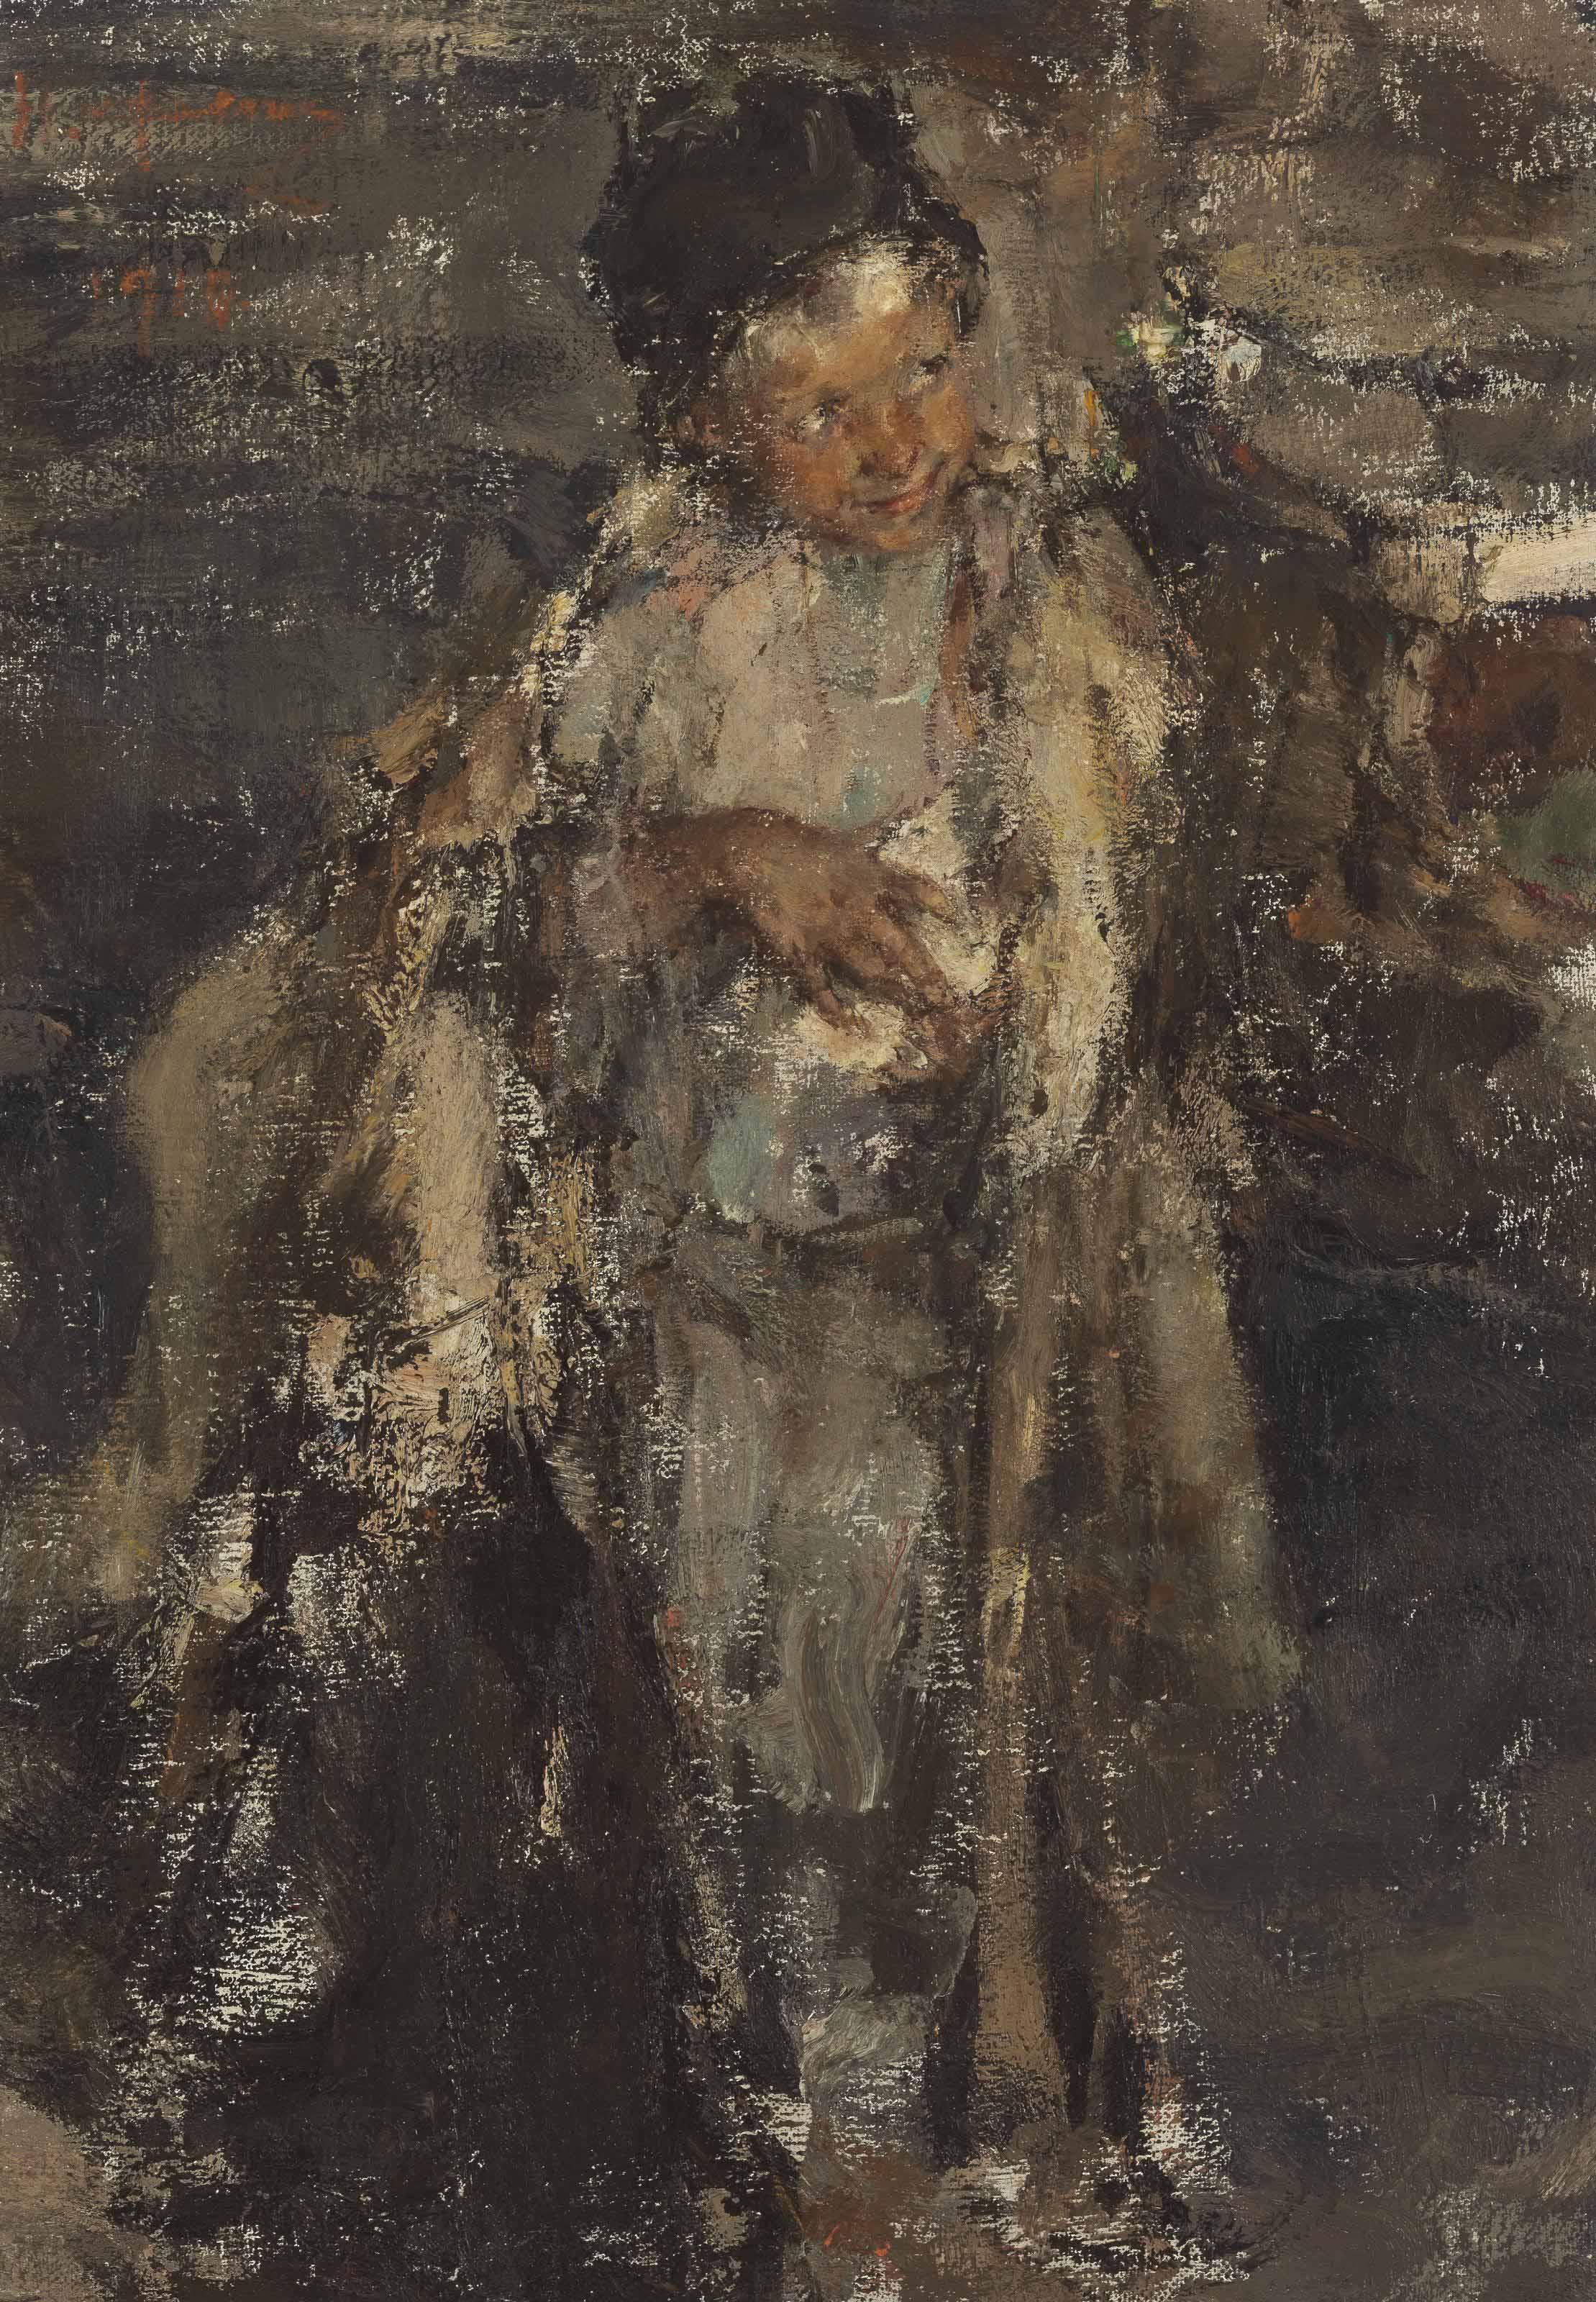 Little shepherd boy